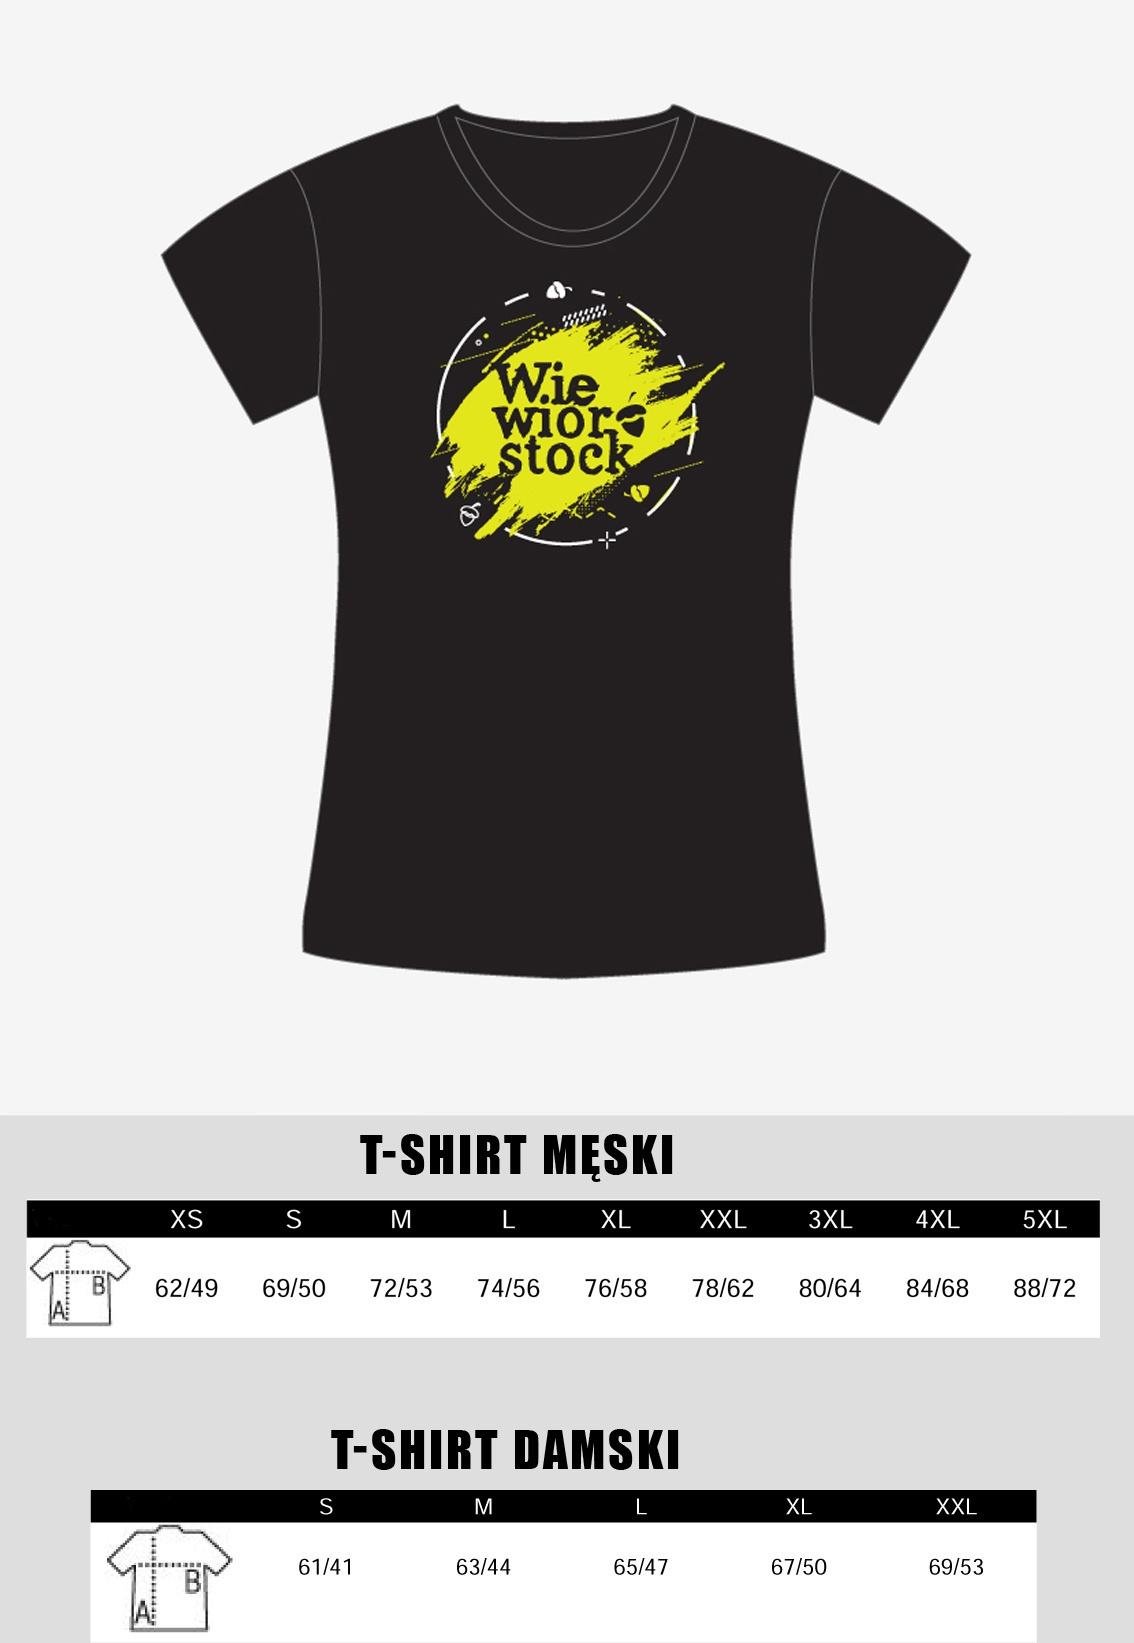 Wiewiórstockowy T-shirt wzór drugi :) Damski S